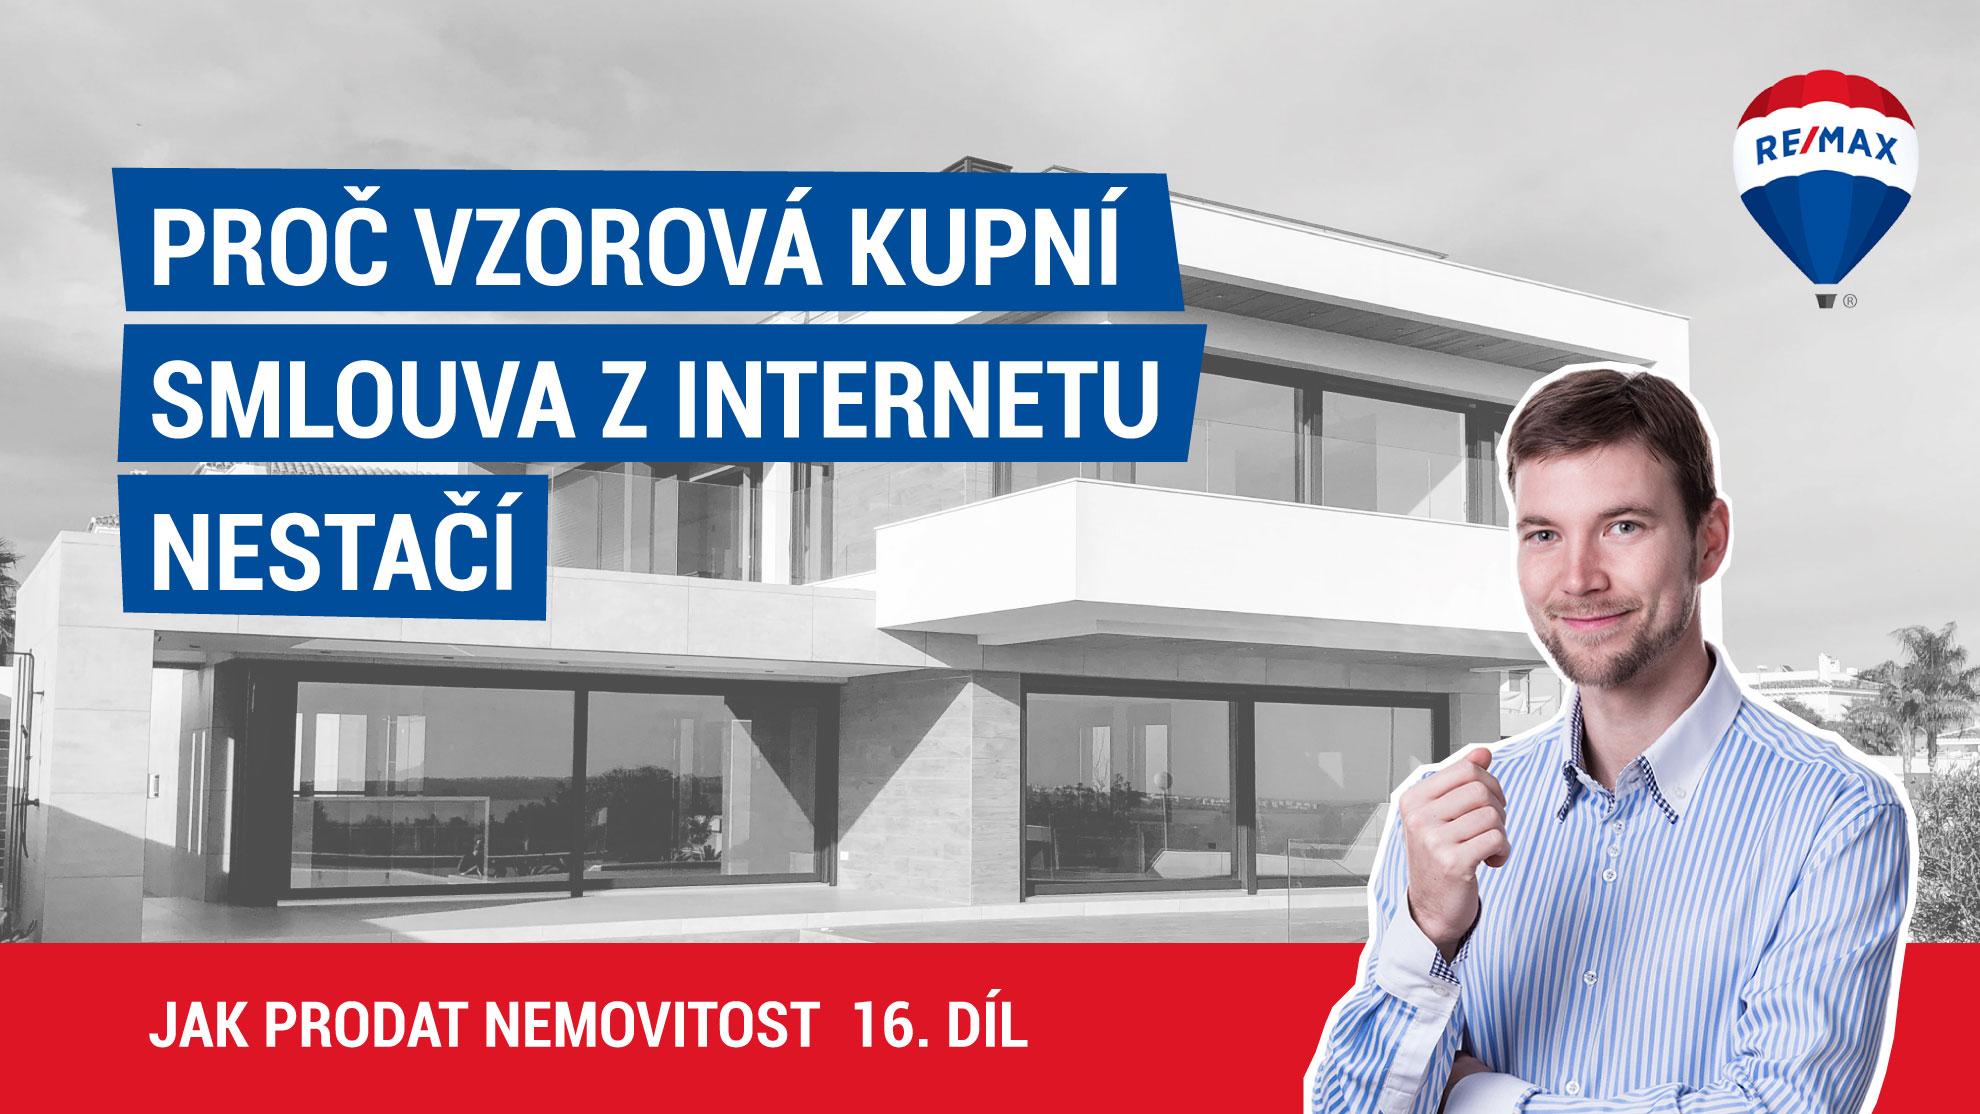 Jak prodat nemovitost 16. díl - Proč vzorová kupní smlouva z internetu nestačí